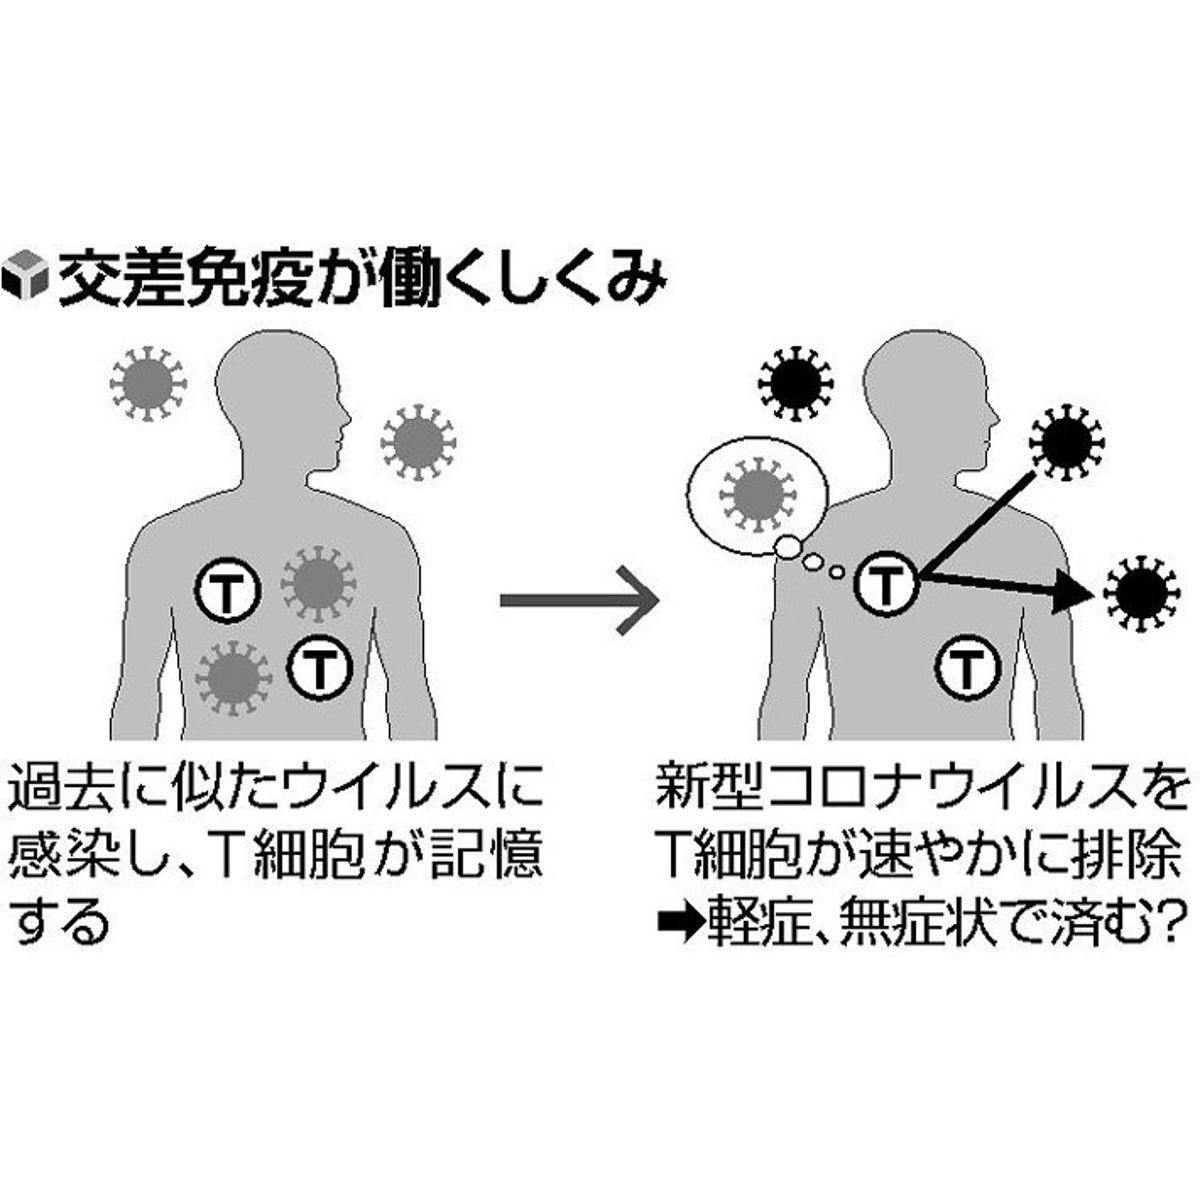 コロナの疑問]症状に差が出る要因は?…過去 類似ウイルス感染か ...